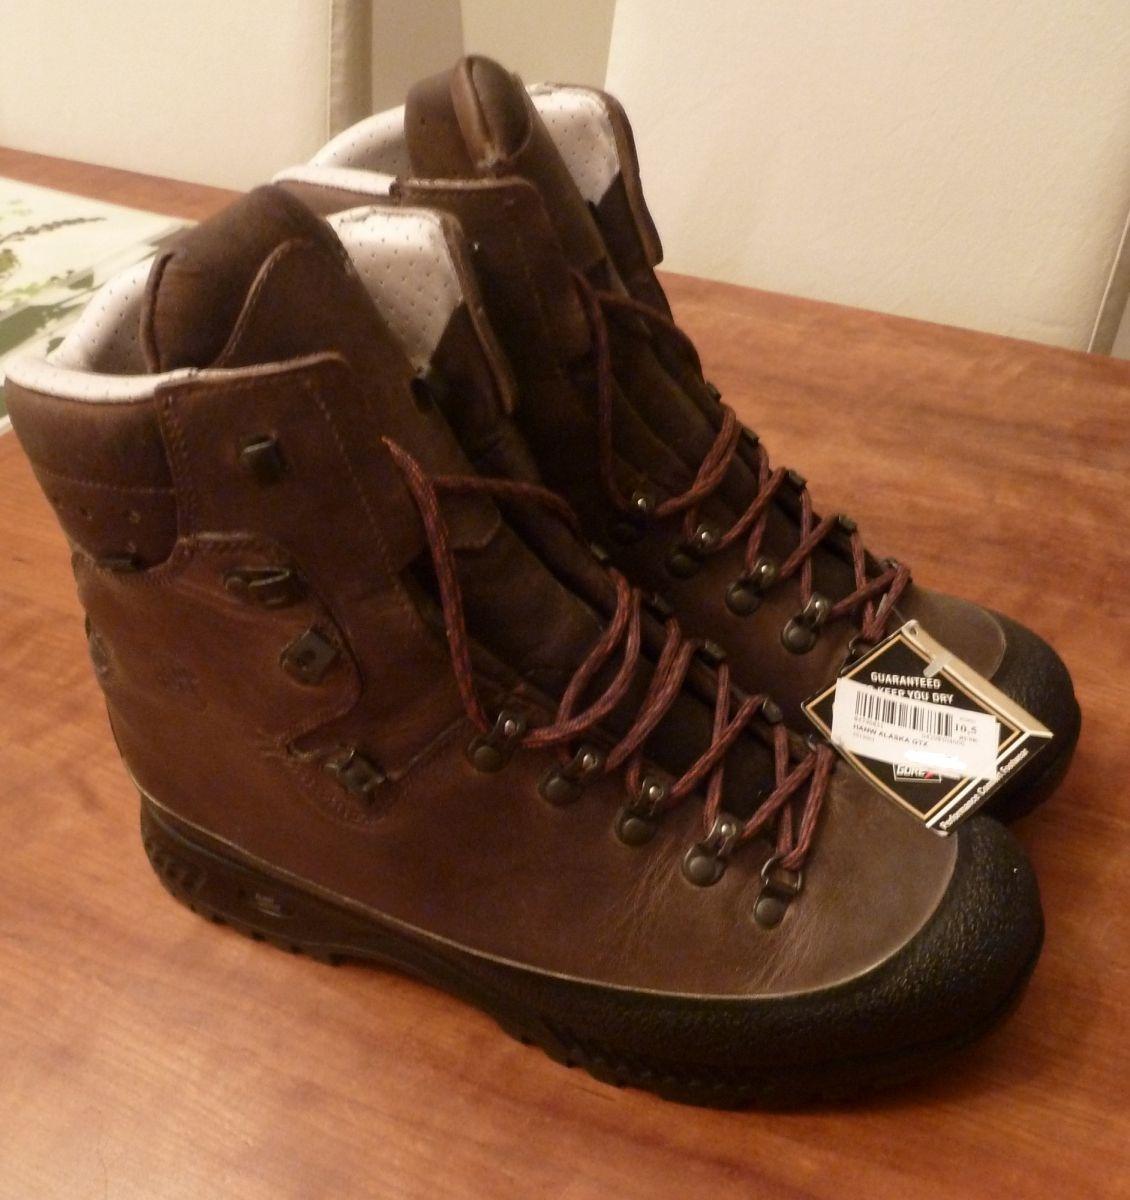 Recenzovaný produkt nájdeš na tejto adrese   https   www.adamsport.eu panska-vysoka-turisticka-obuv hanwag-alaska-gtx 0406dc15f0b